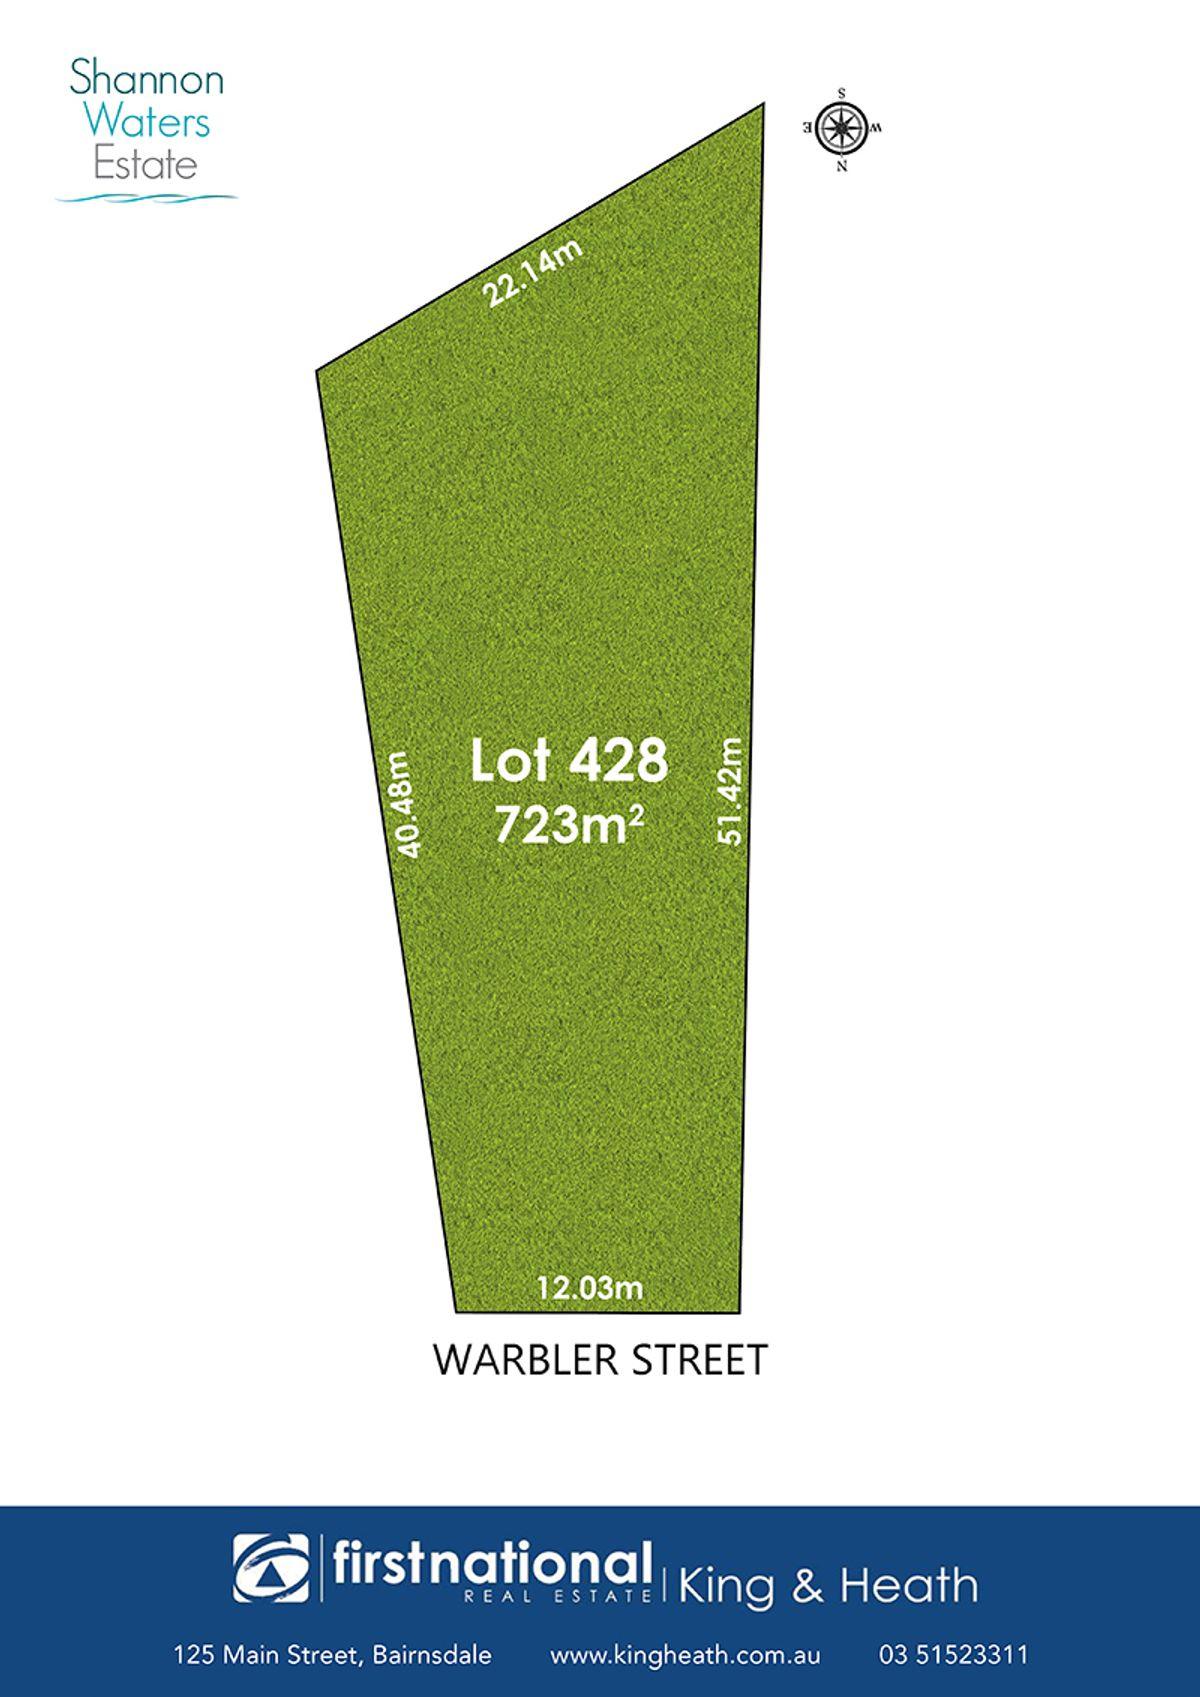 Lot 428 Warbler Street, Bairnsdale, VIC 3875